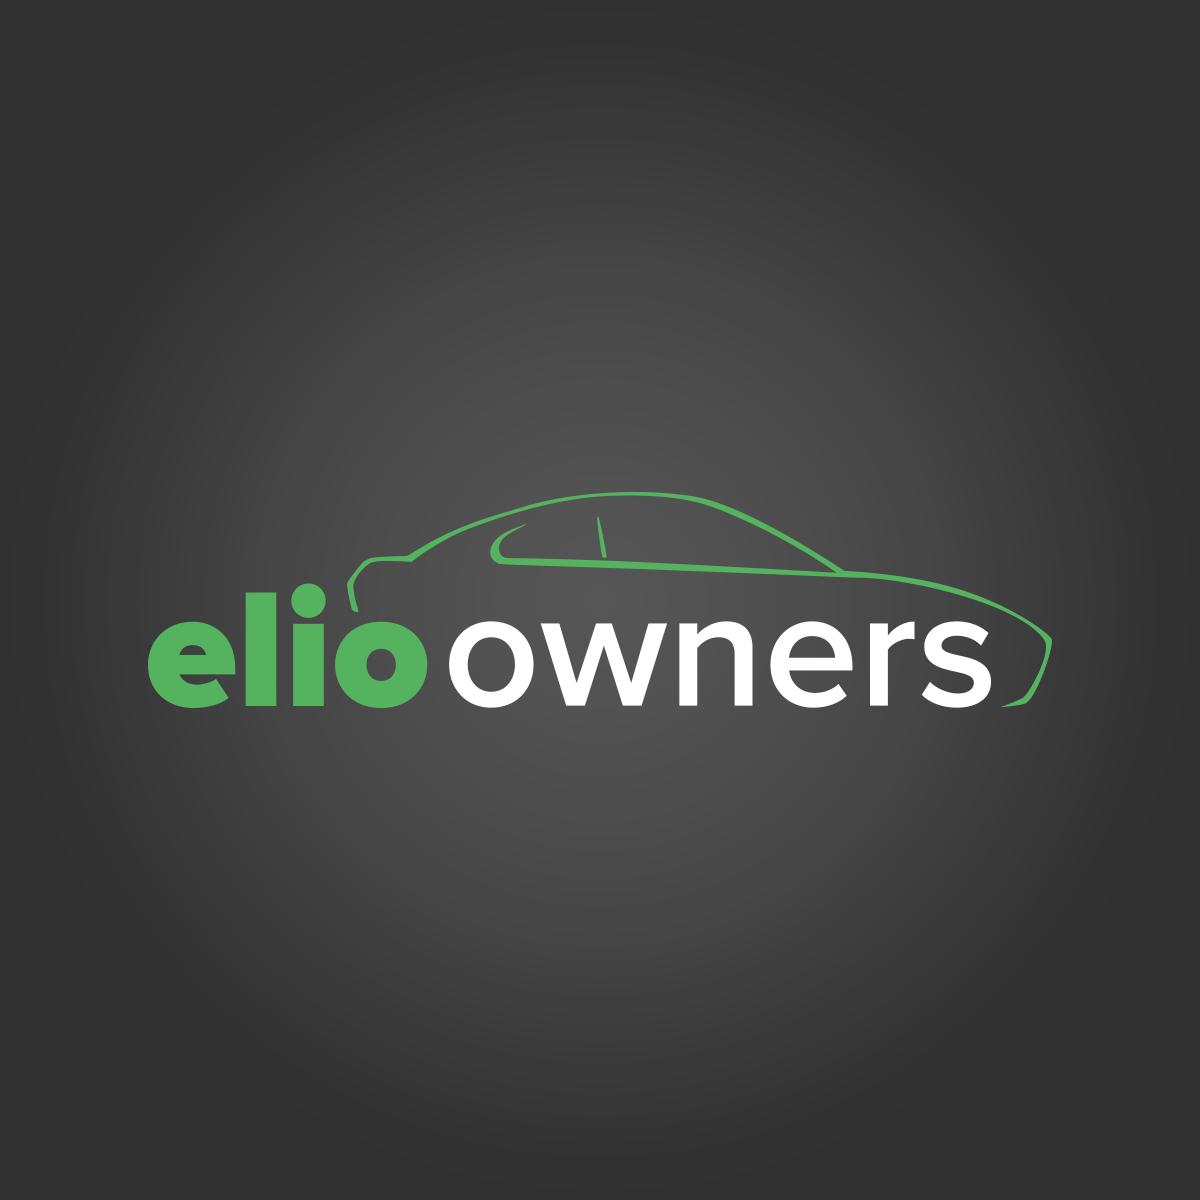 Elio Owners